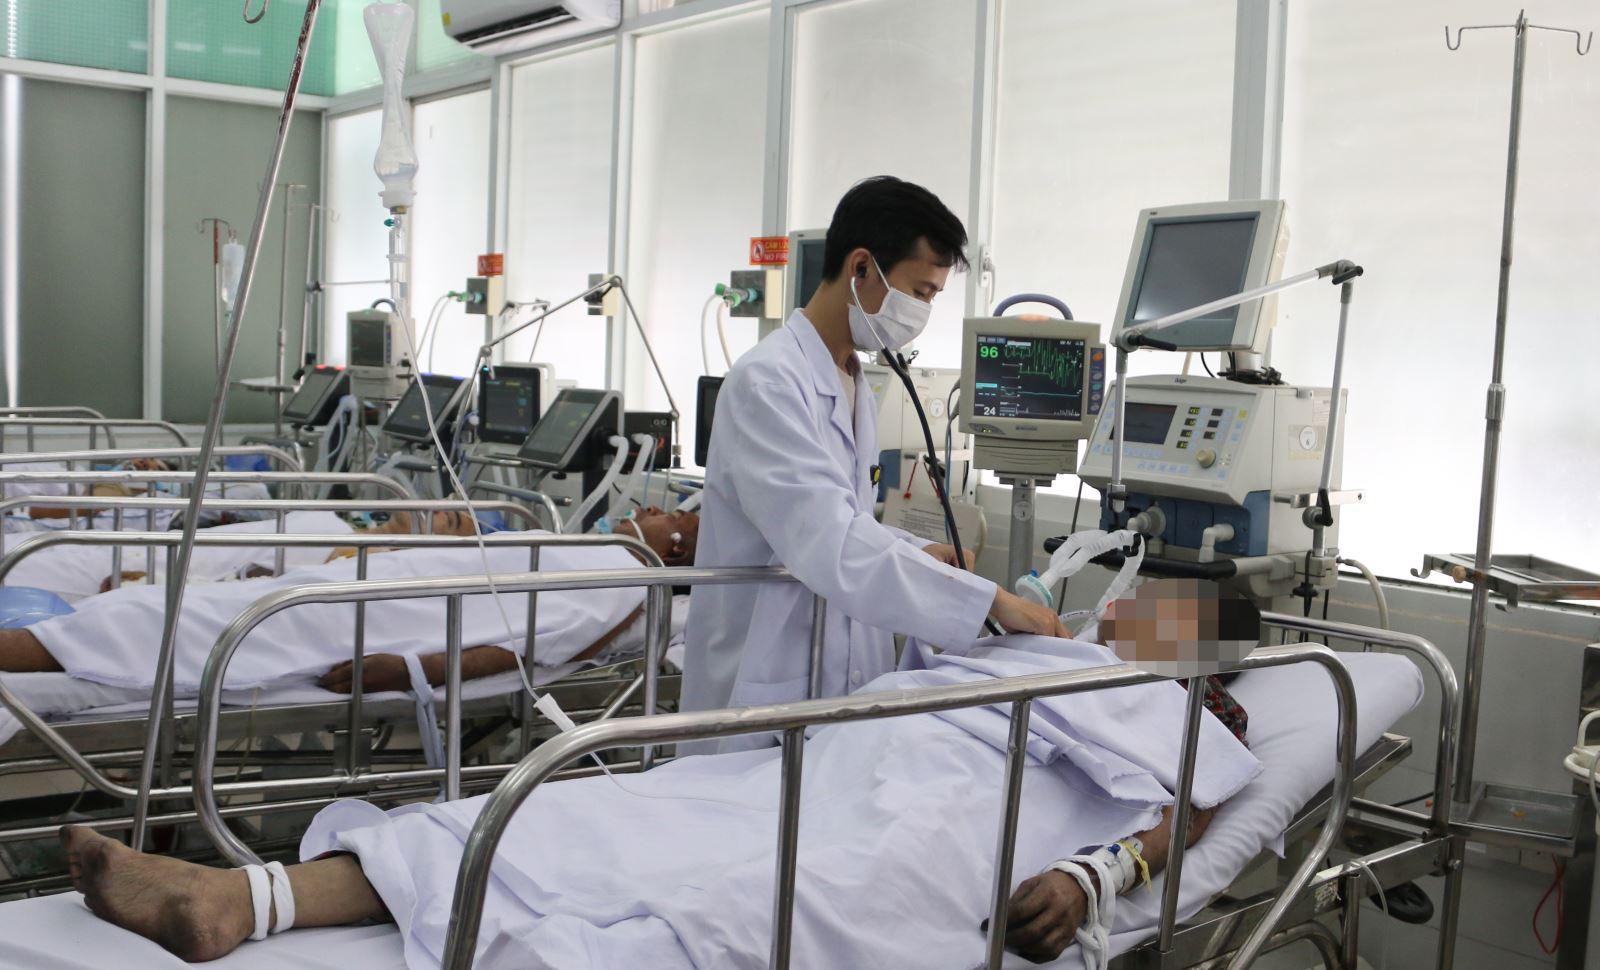 TP Hồ Chí Minh: 3 người bị bỏng nặng do cháy nhà